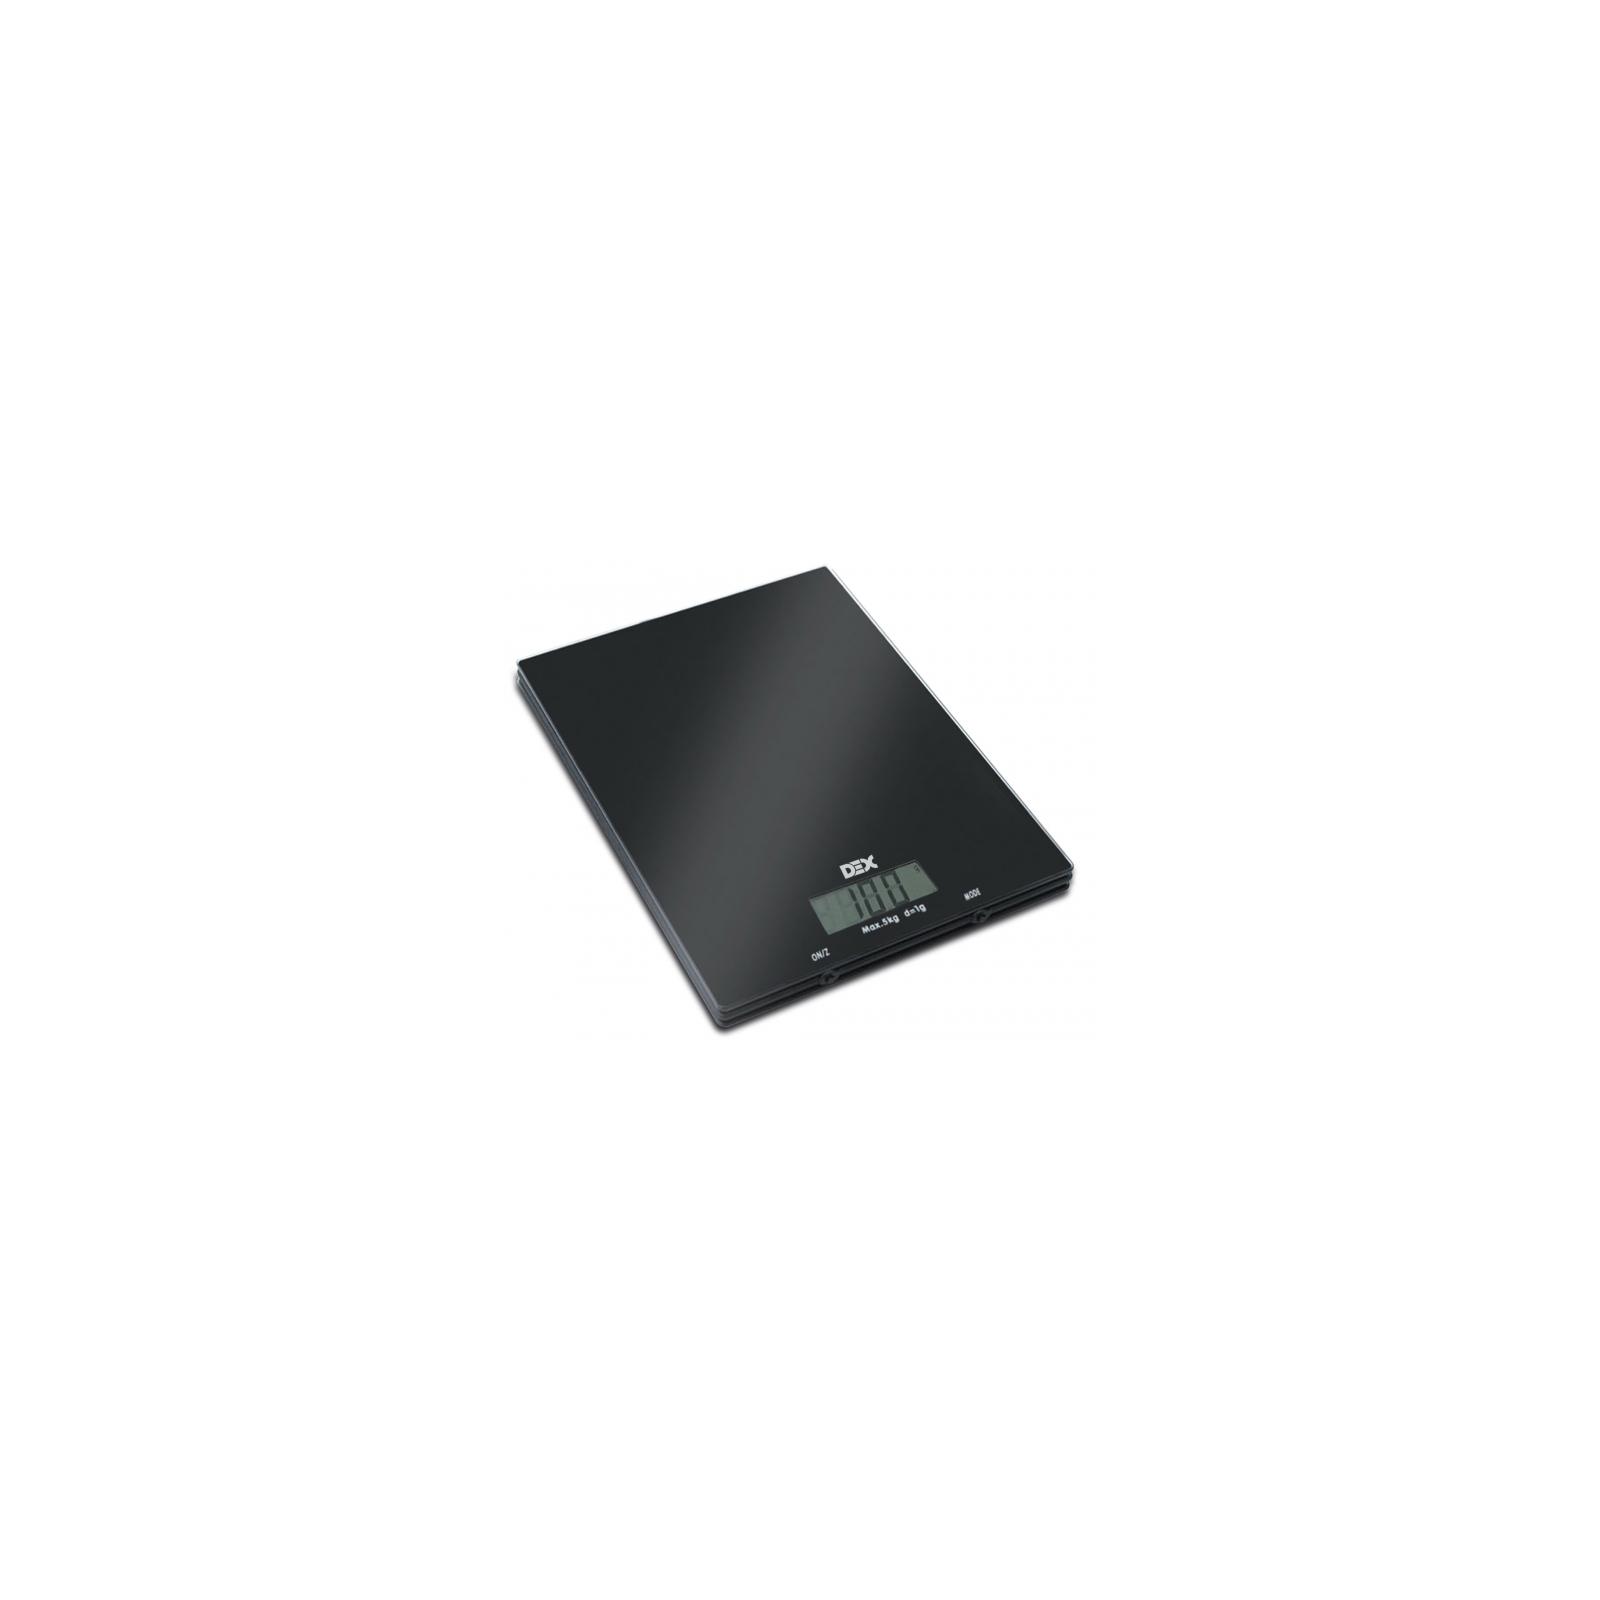 Весы кухонные DEX DKS-402 изображение 2